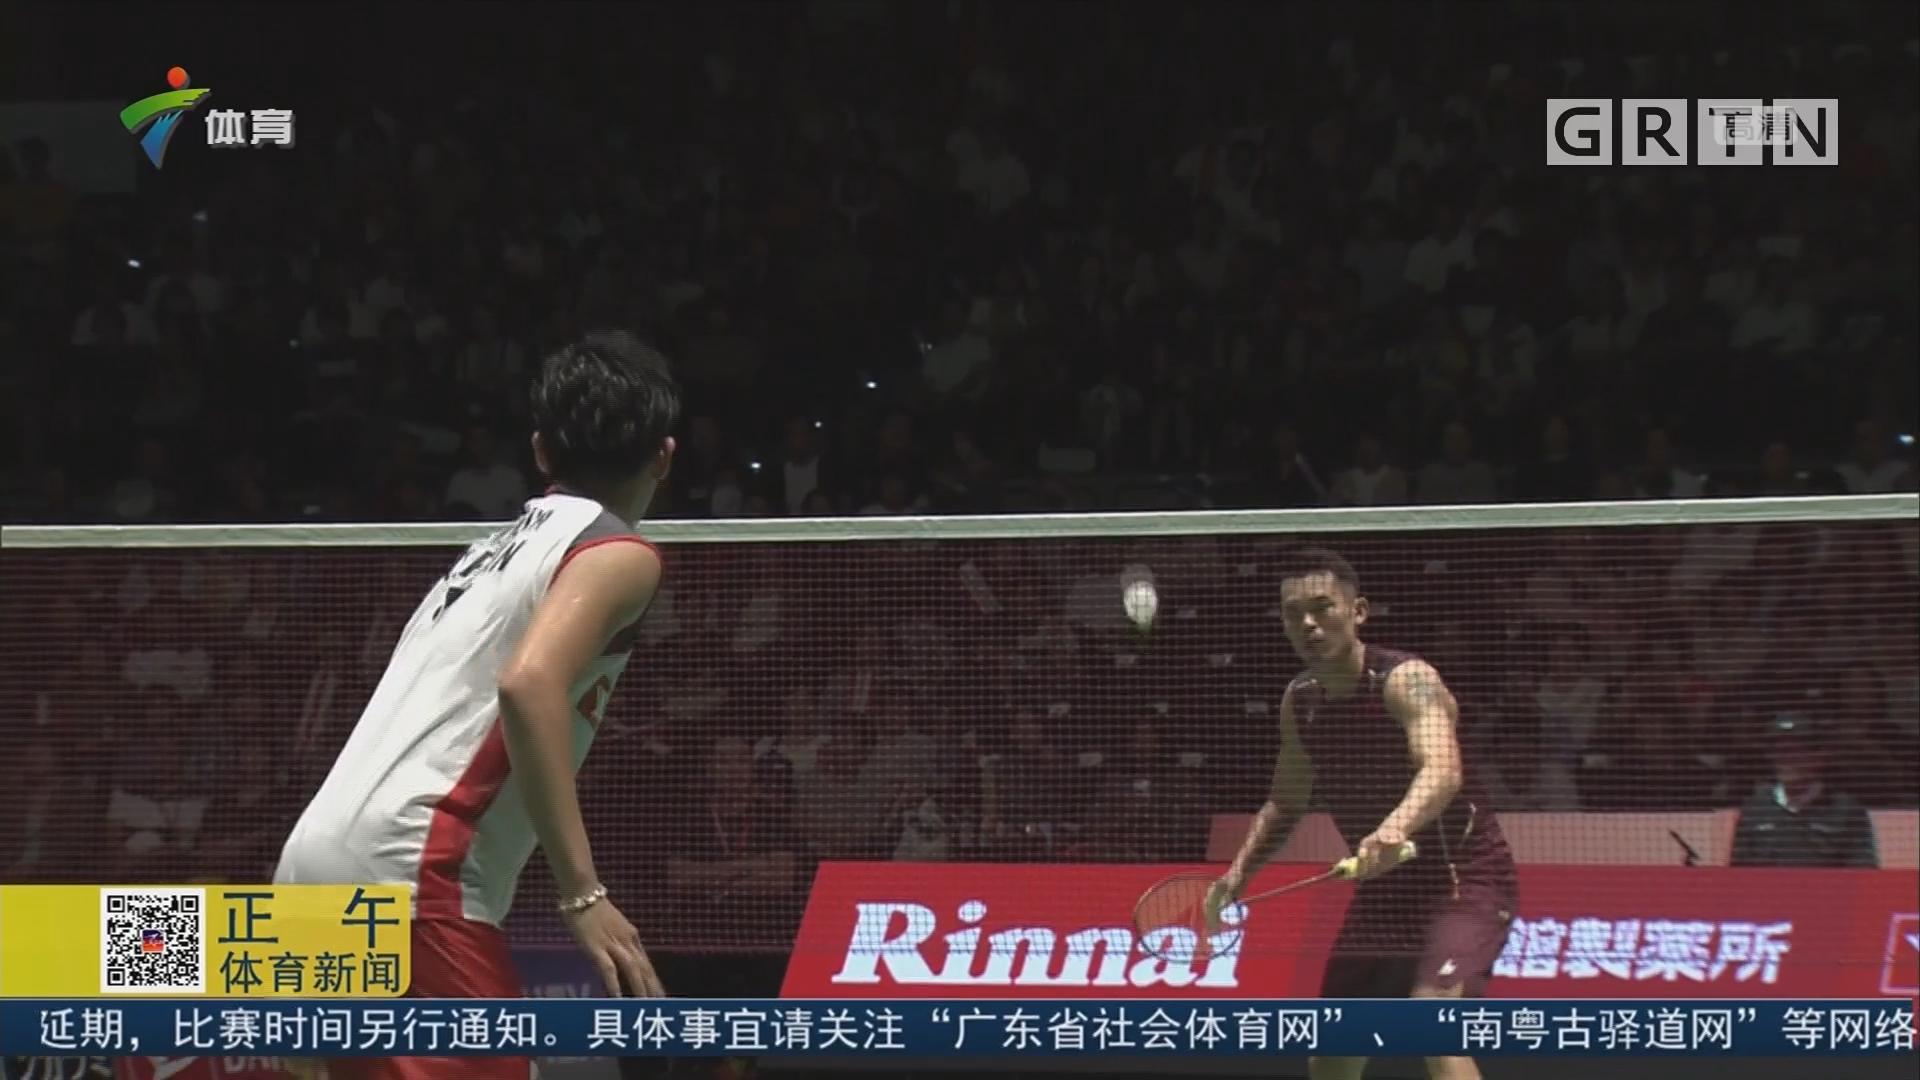 世界羽联日本公开赛 林丹不敌新科世锦赛冠军